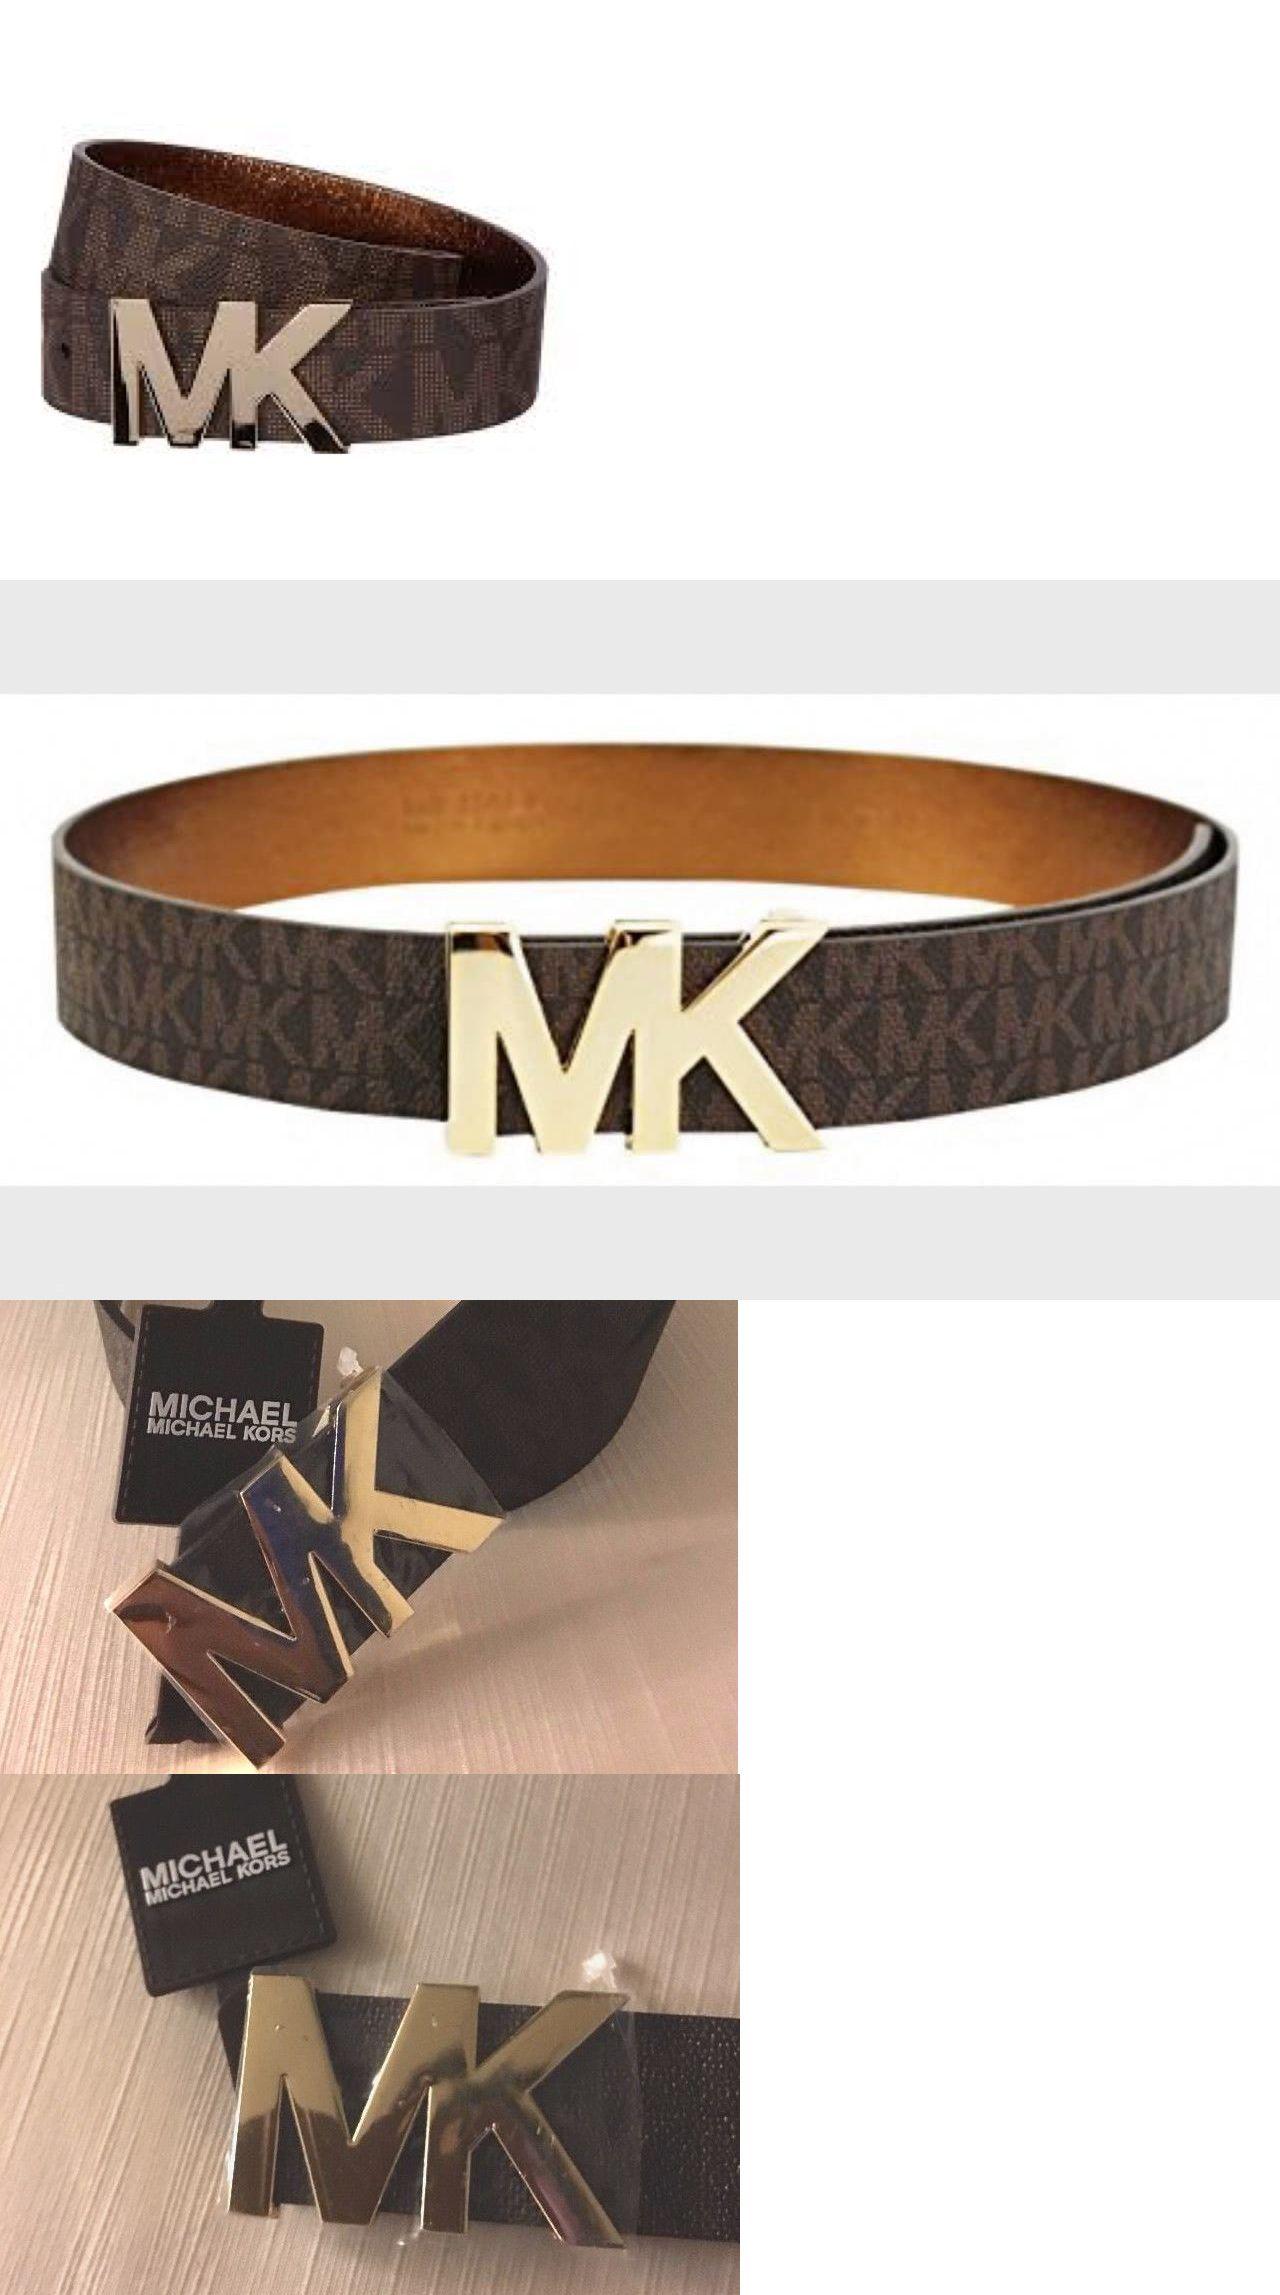 9e5bcd3f419f ... promo code for belts 2993 michael kors belt size m 32 36 brown  monogrammed gold mk